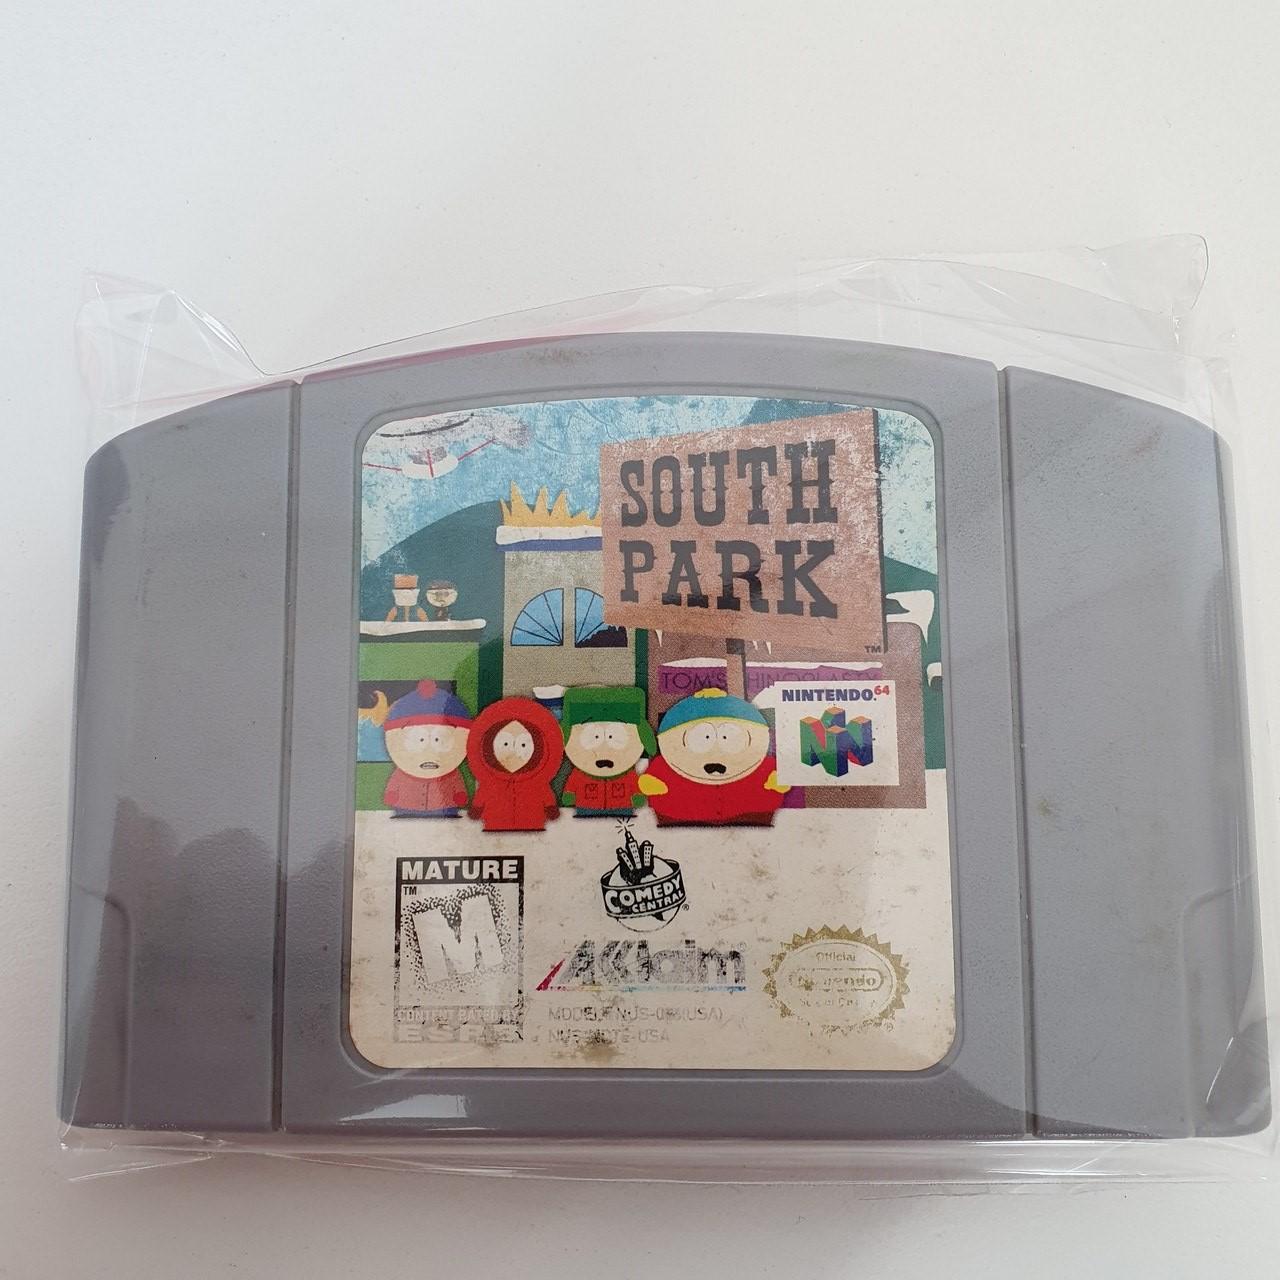 South Park - Cartucho - Nintendo 64 - Usado